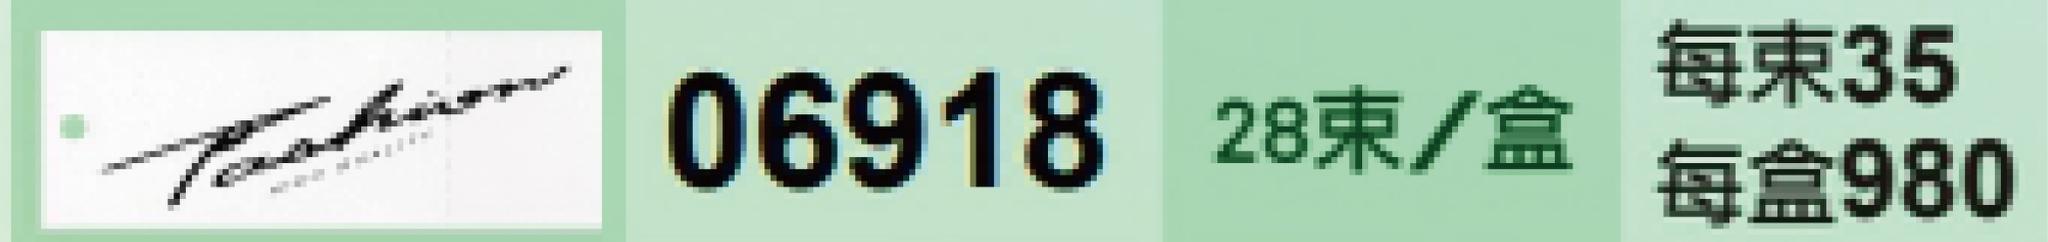 20181113 #5_181114_0005.jpg